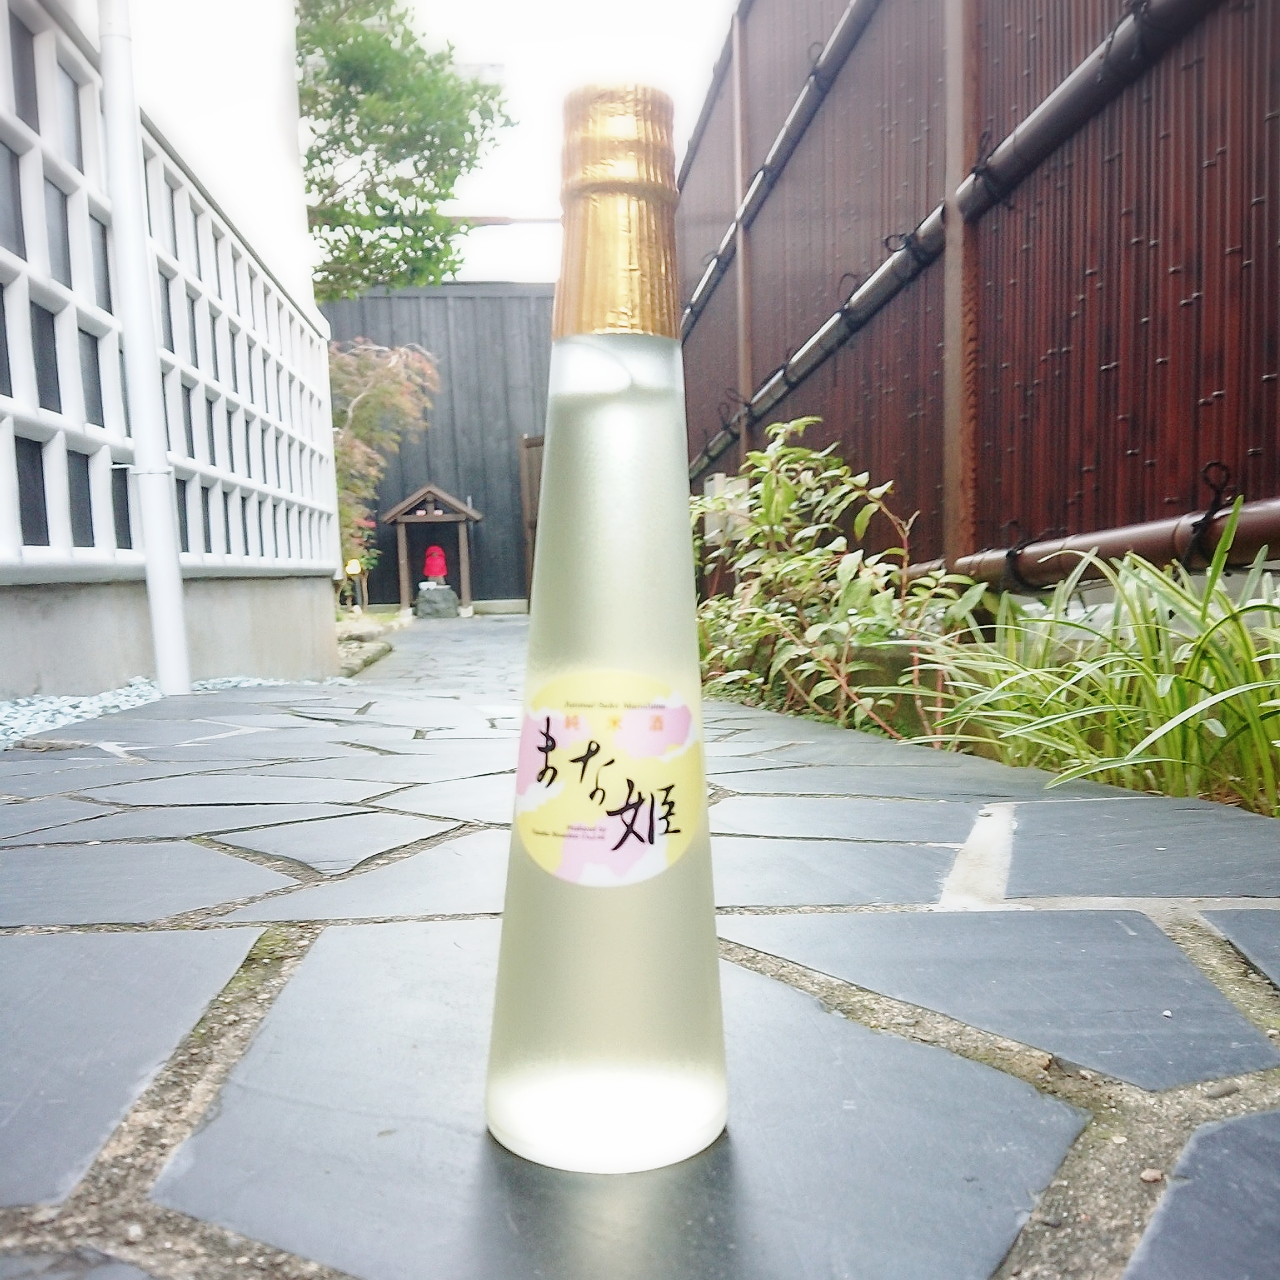 【甘口酒】真鶴 純米酒 まな姫~試飲会で大フィーバー( *´艸`)低アルコールの優しい甘さ~